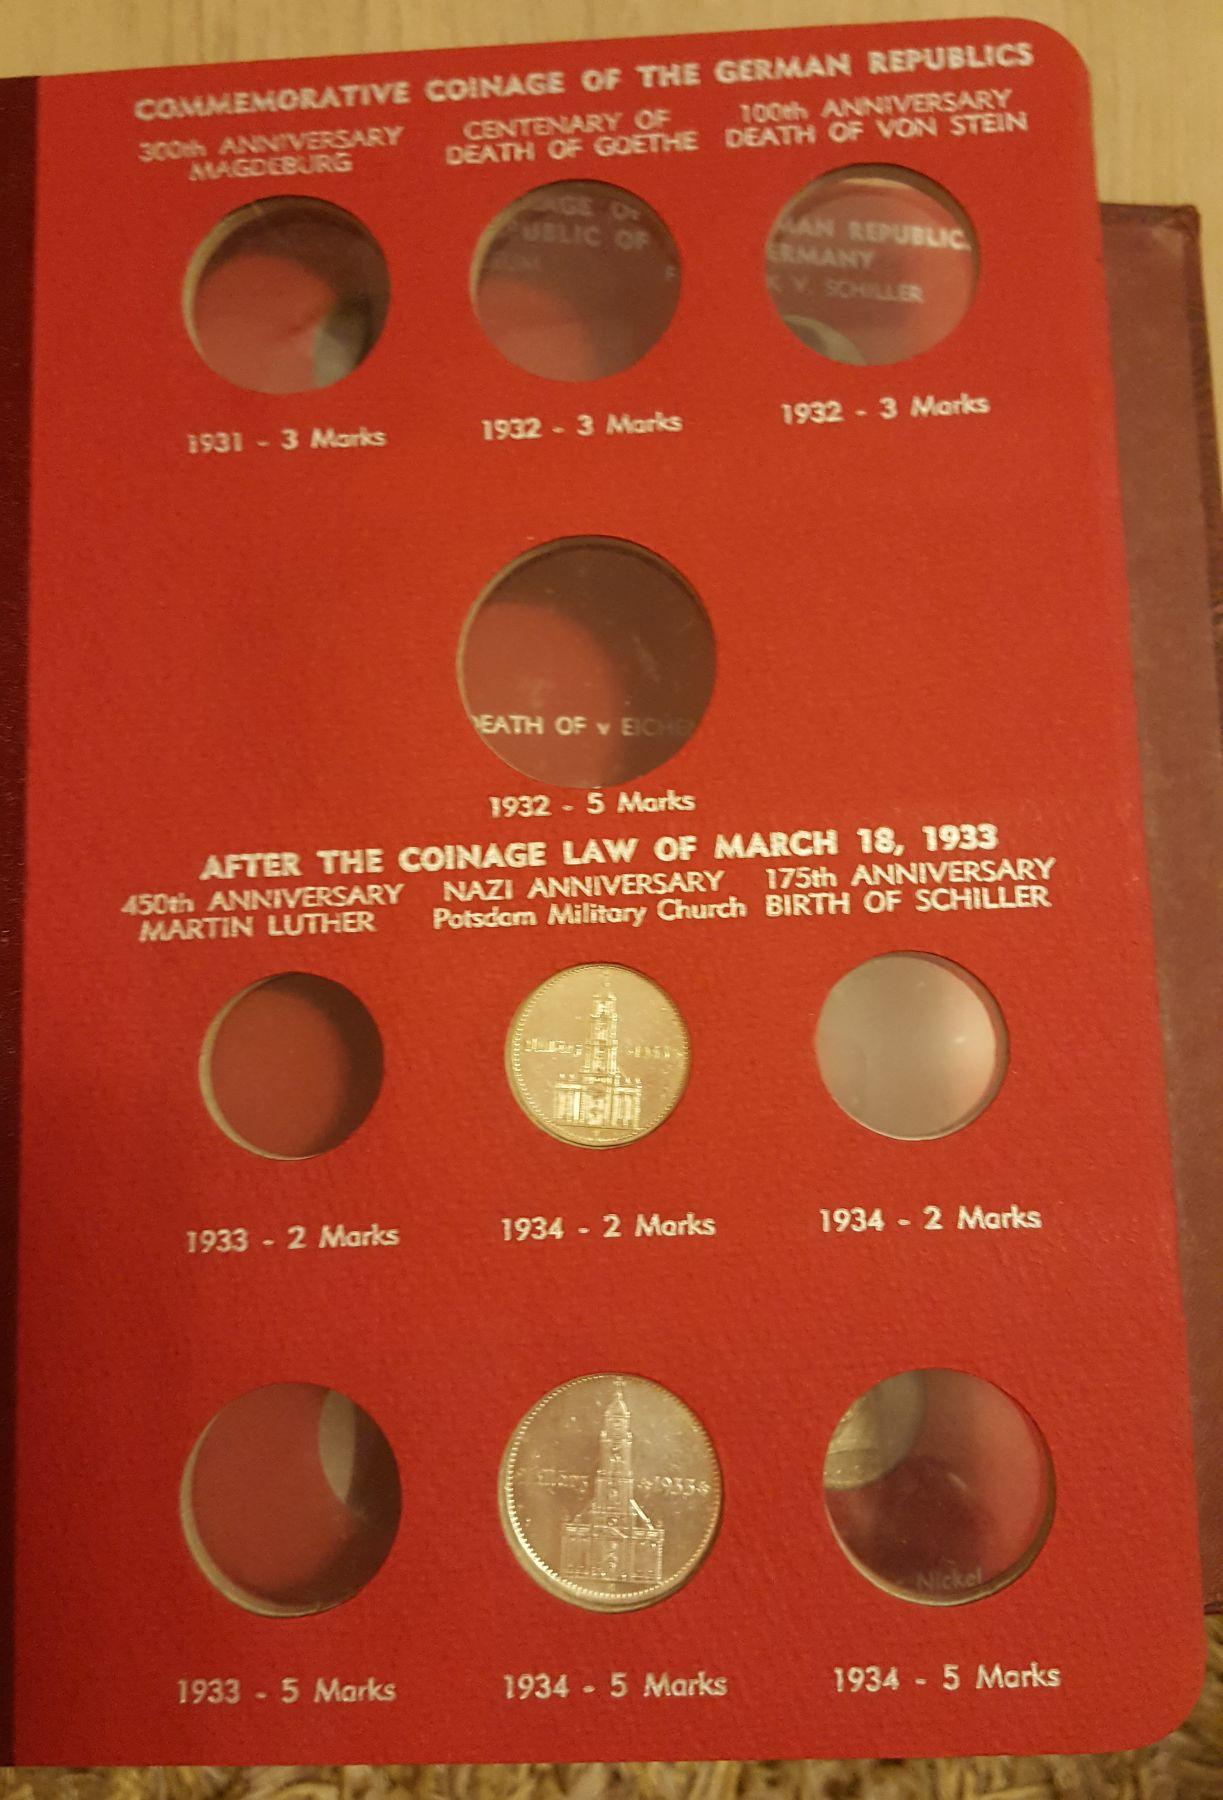 Monedas Conmemorativas de la Republica de Weimar y la Rep. Federal de Alemania 1919-1957 20170406_082443